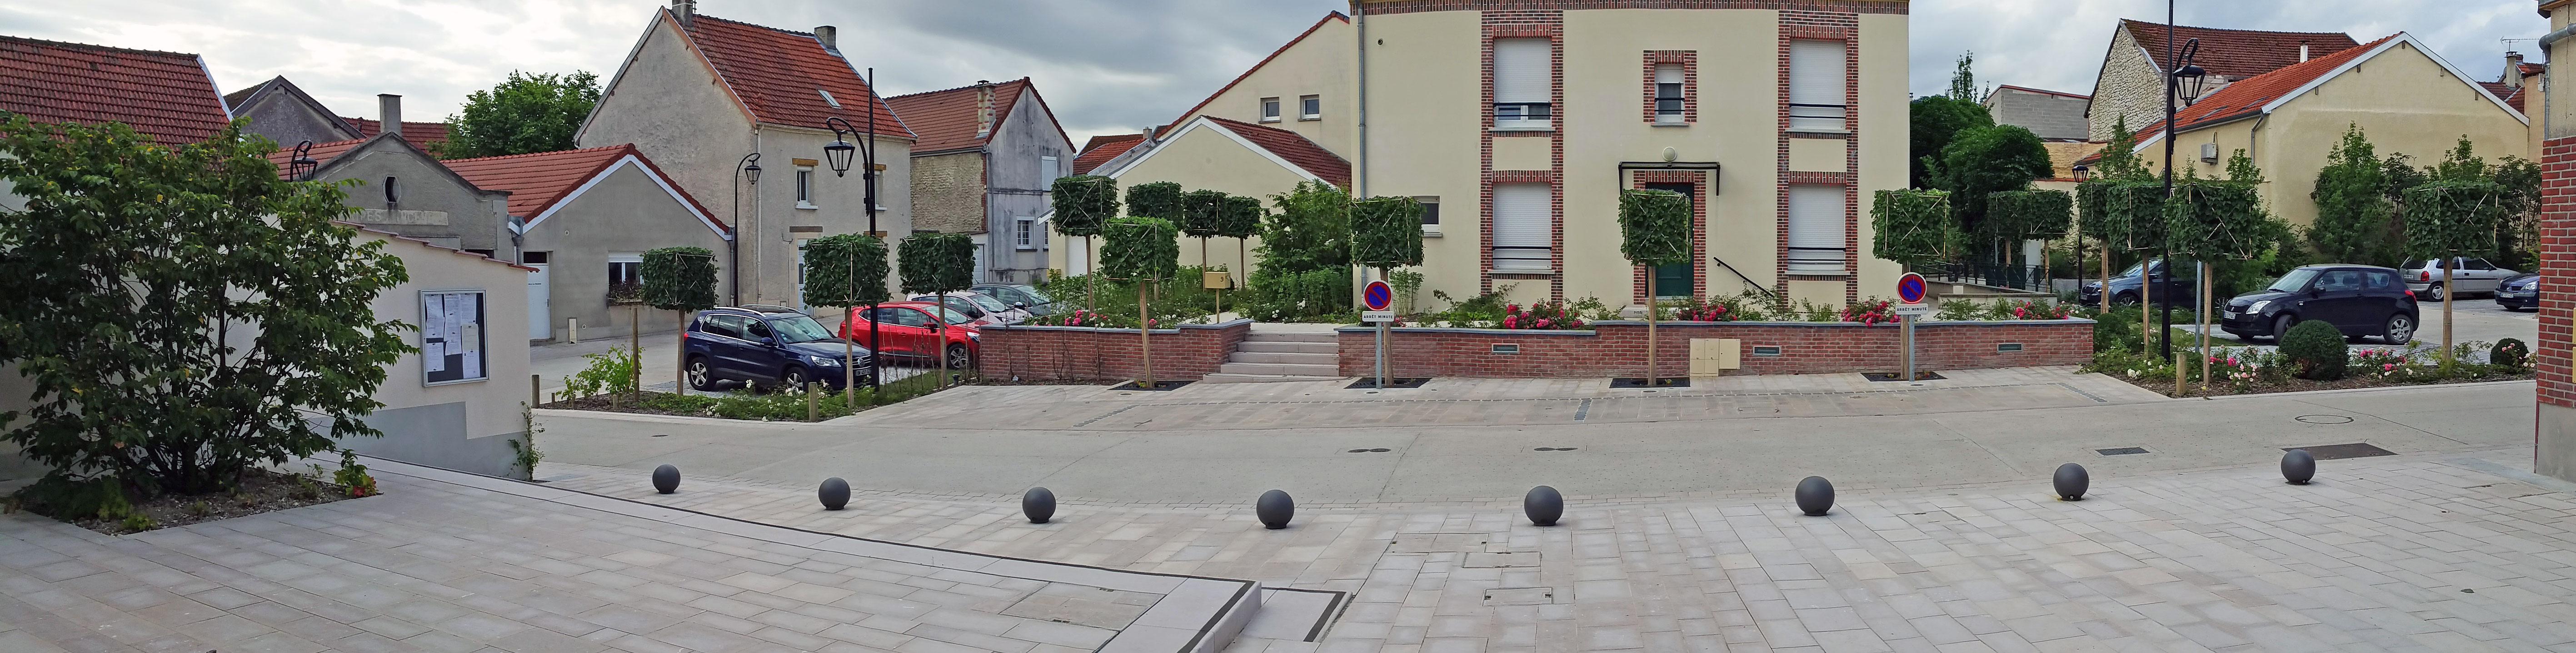 panoramique place de la mairie de chouilly paysages d ici et d ailleurs. Black Bedroom Furniture Sets. Home Design Ideas